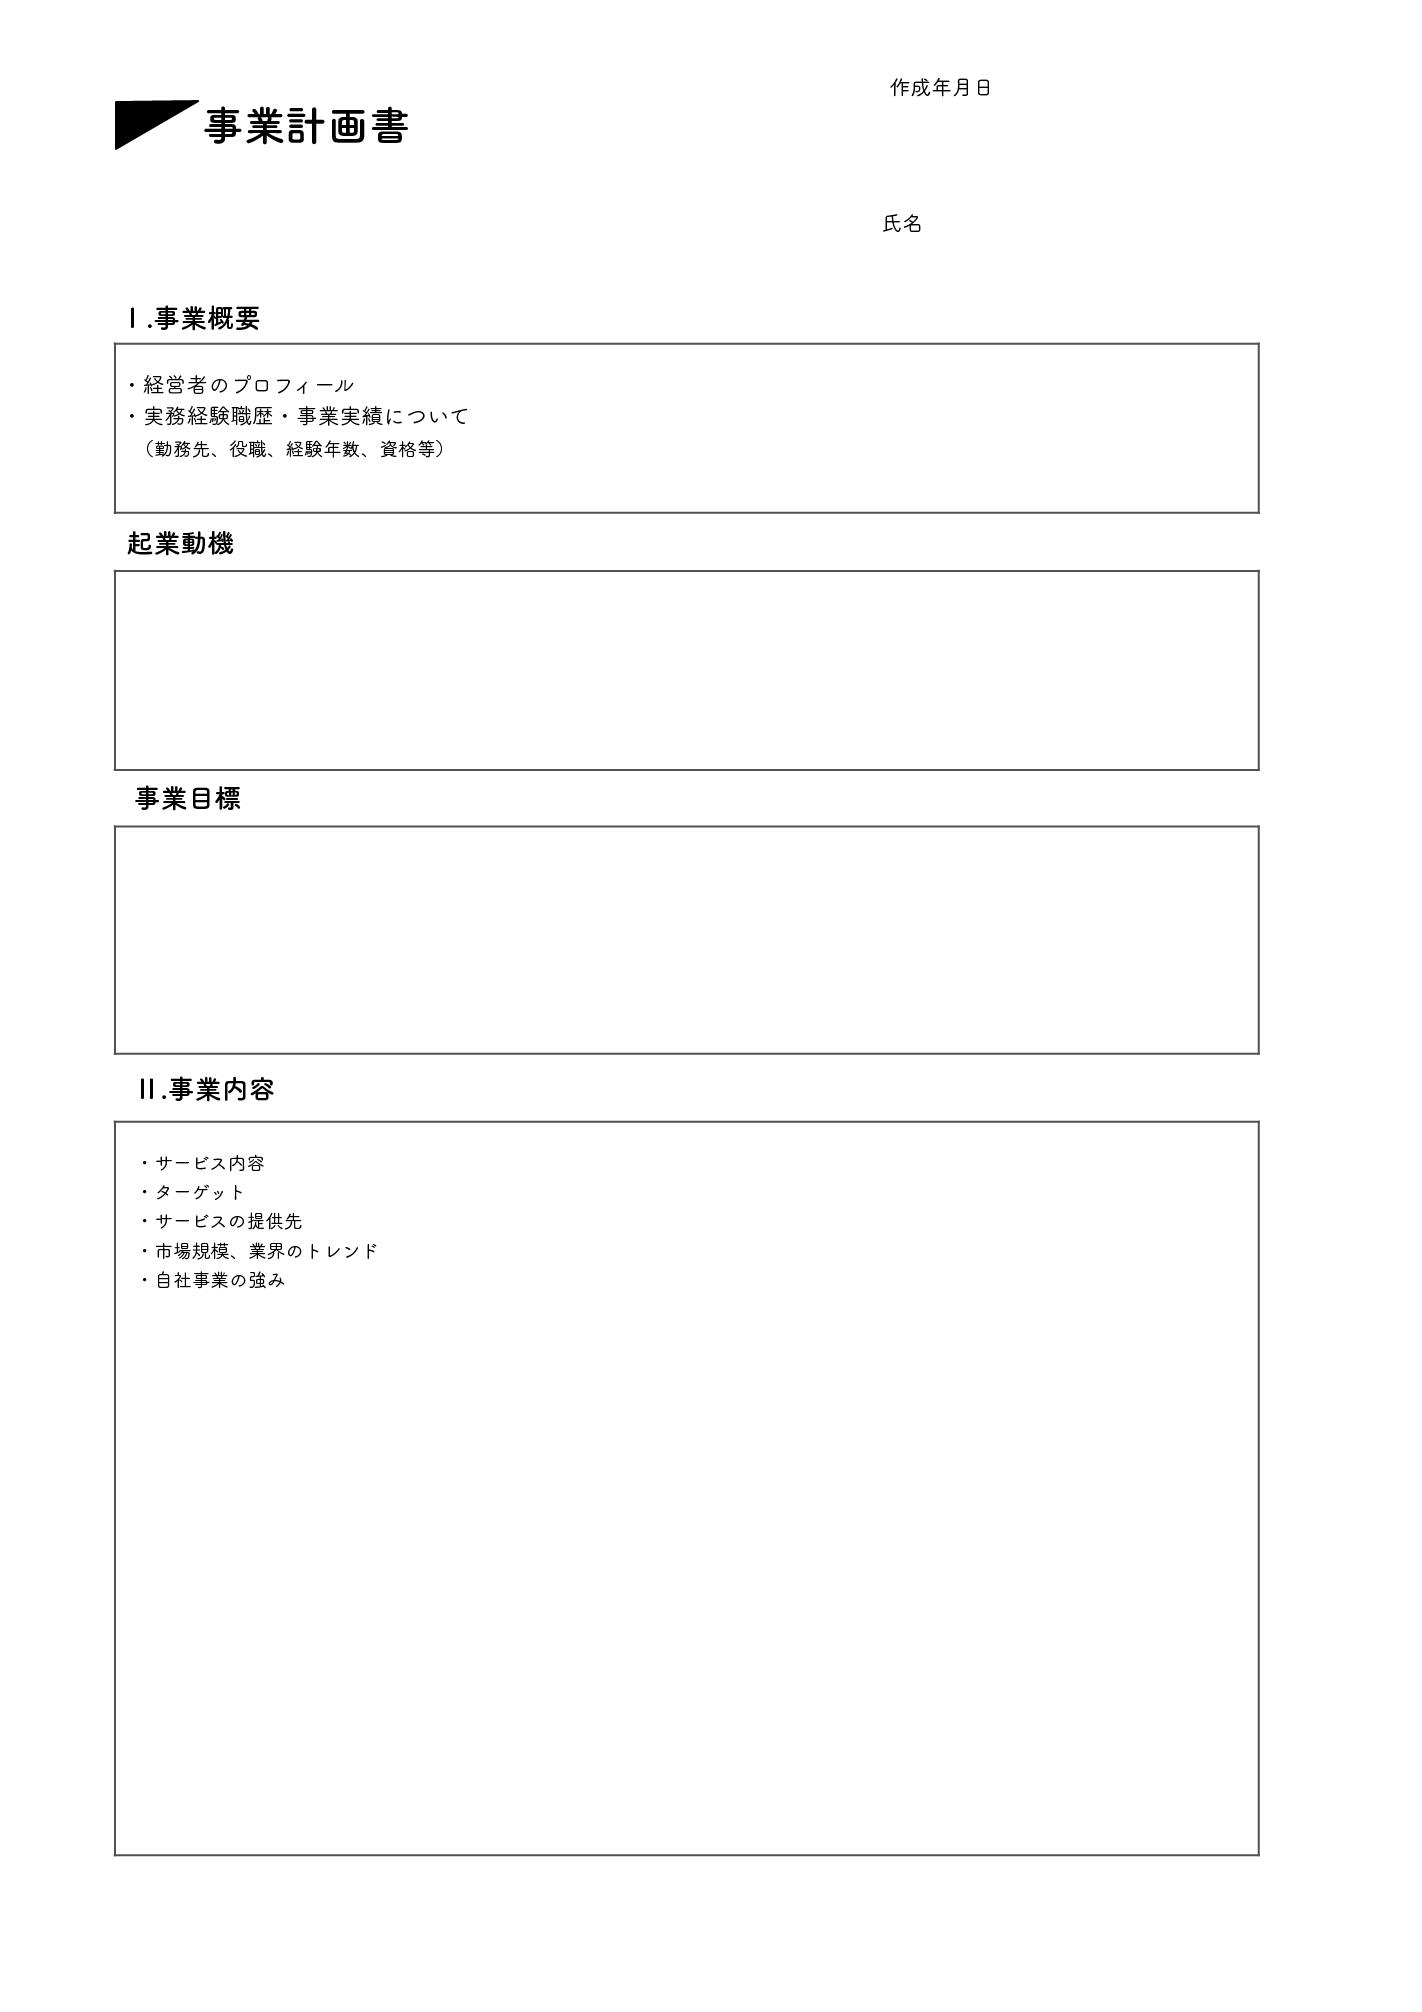 事業計画書と資金計画書のテンプレートのセット(エクセル・ナンバーズ)